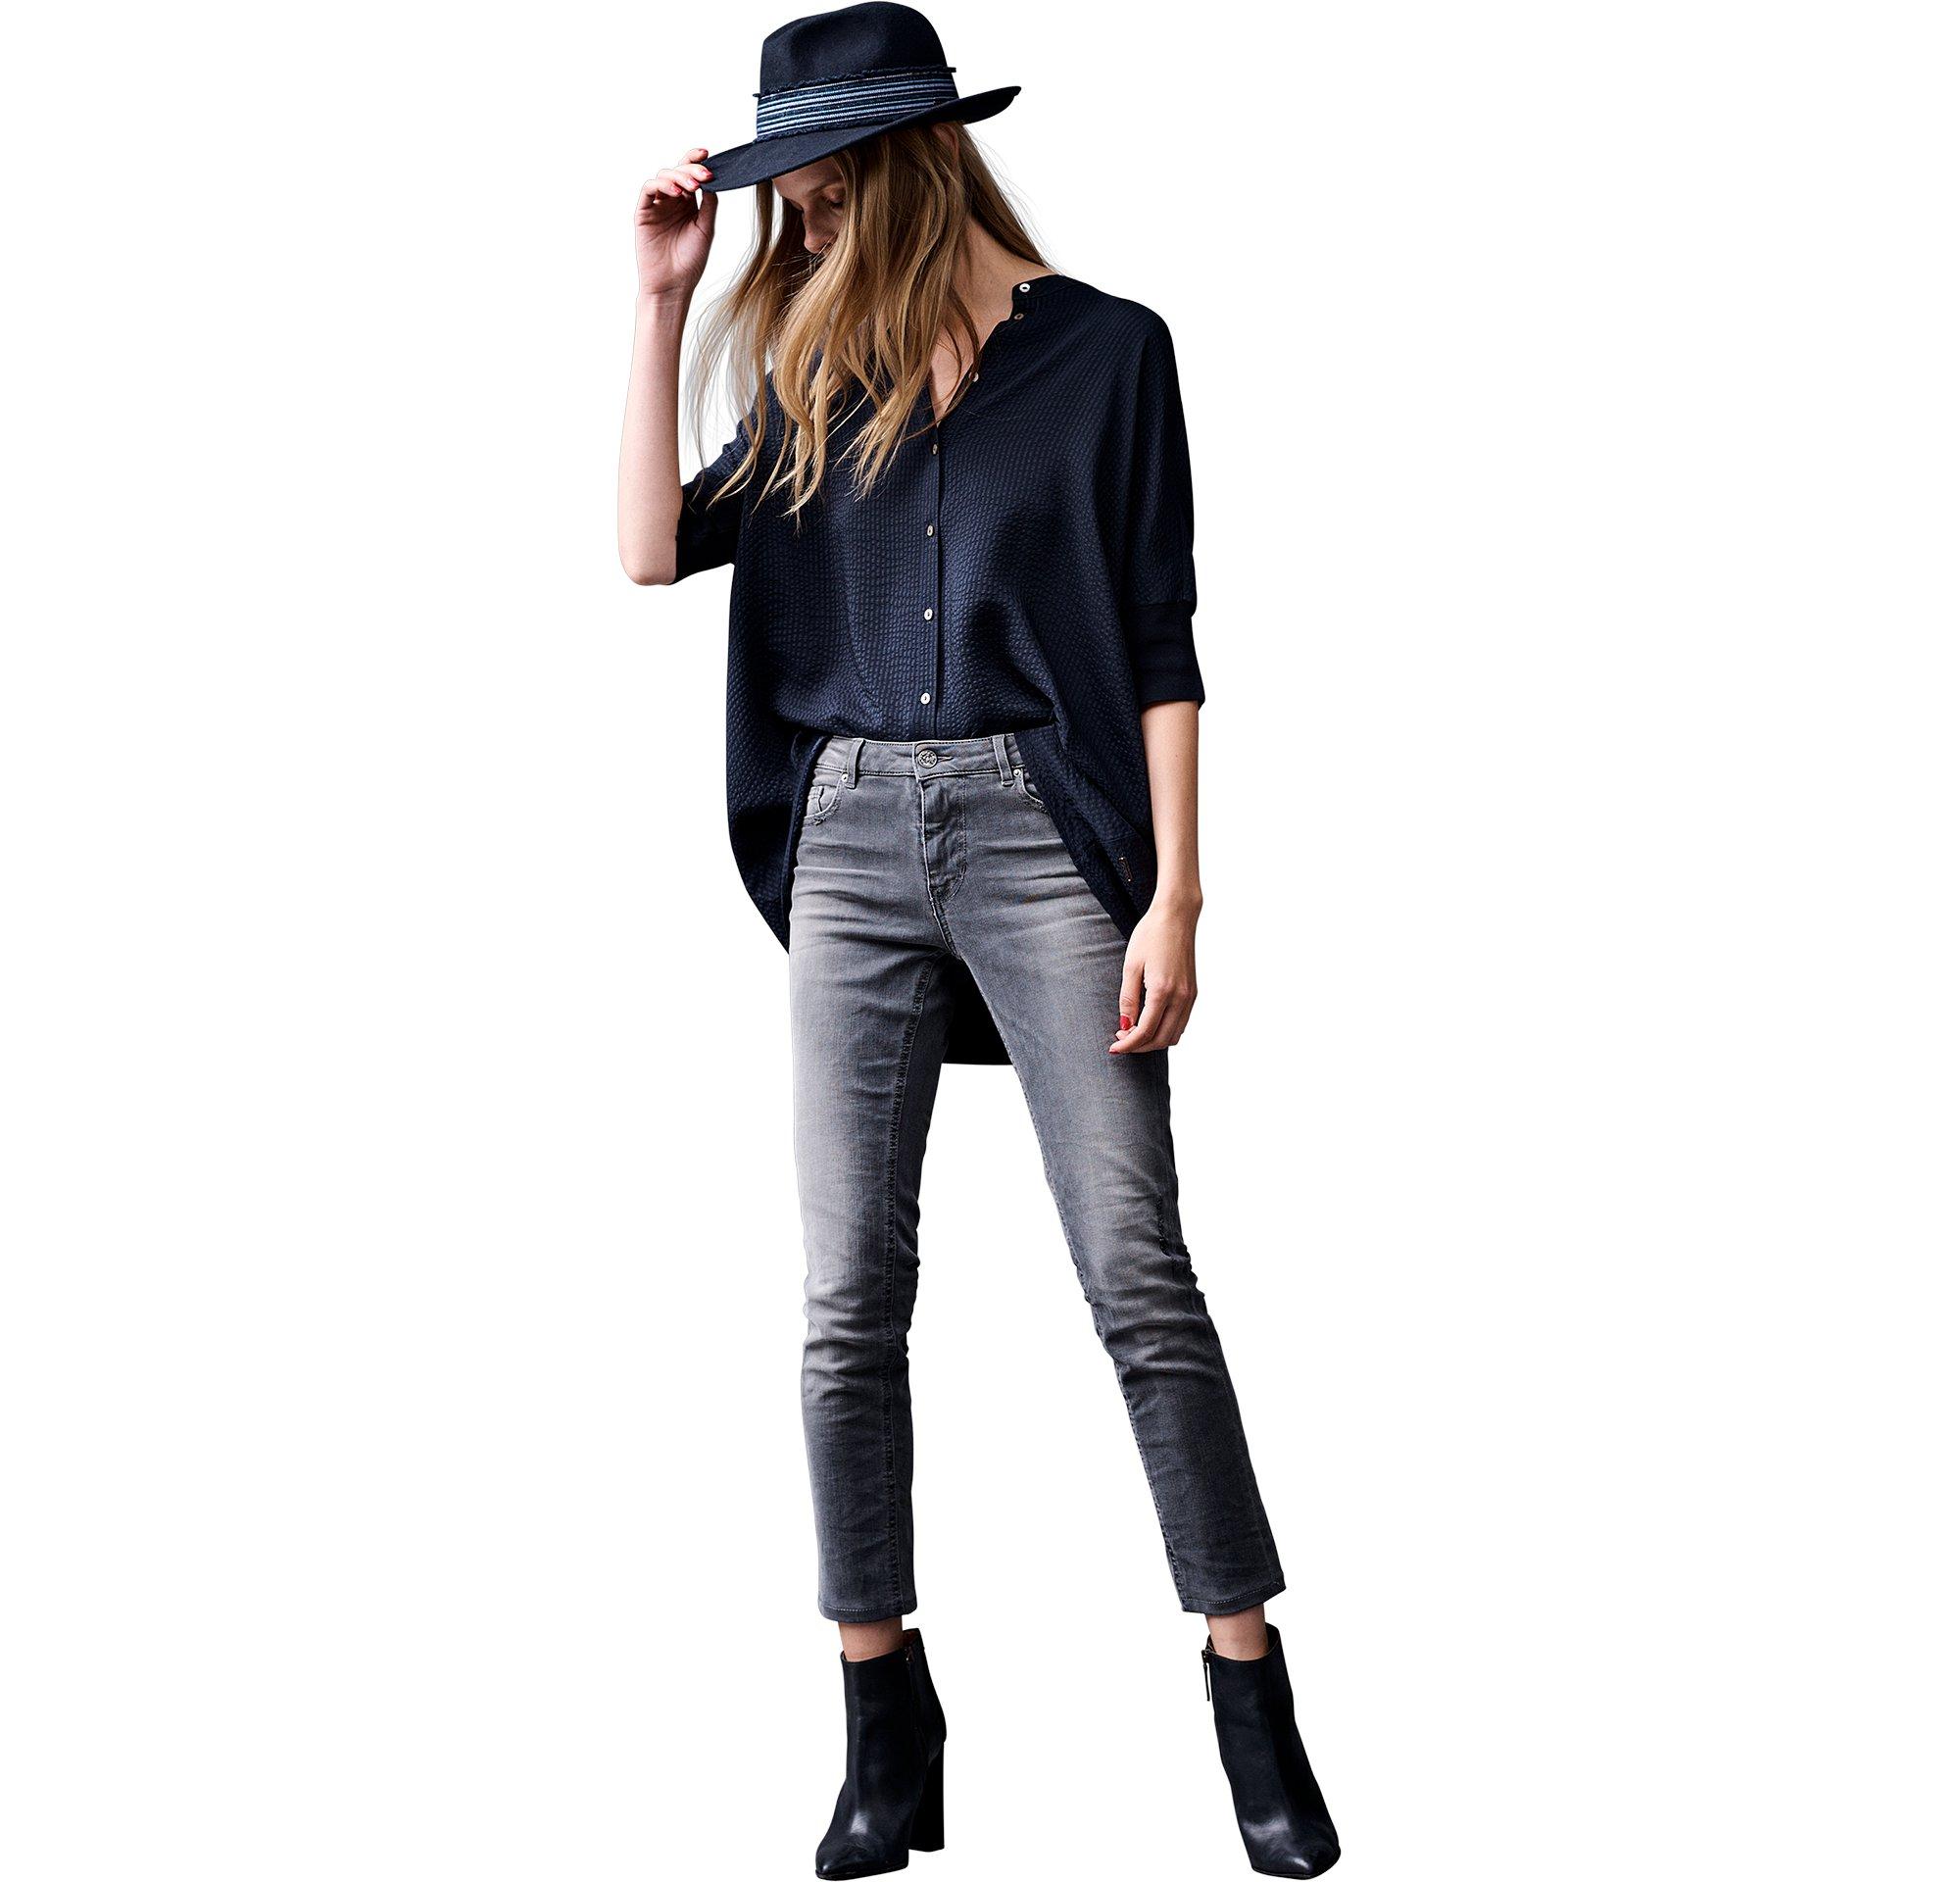 BOSS_ORANGE_Women_PF17_Look_22